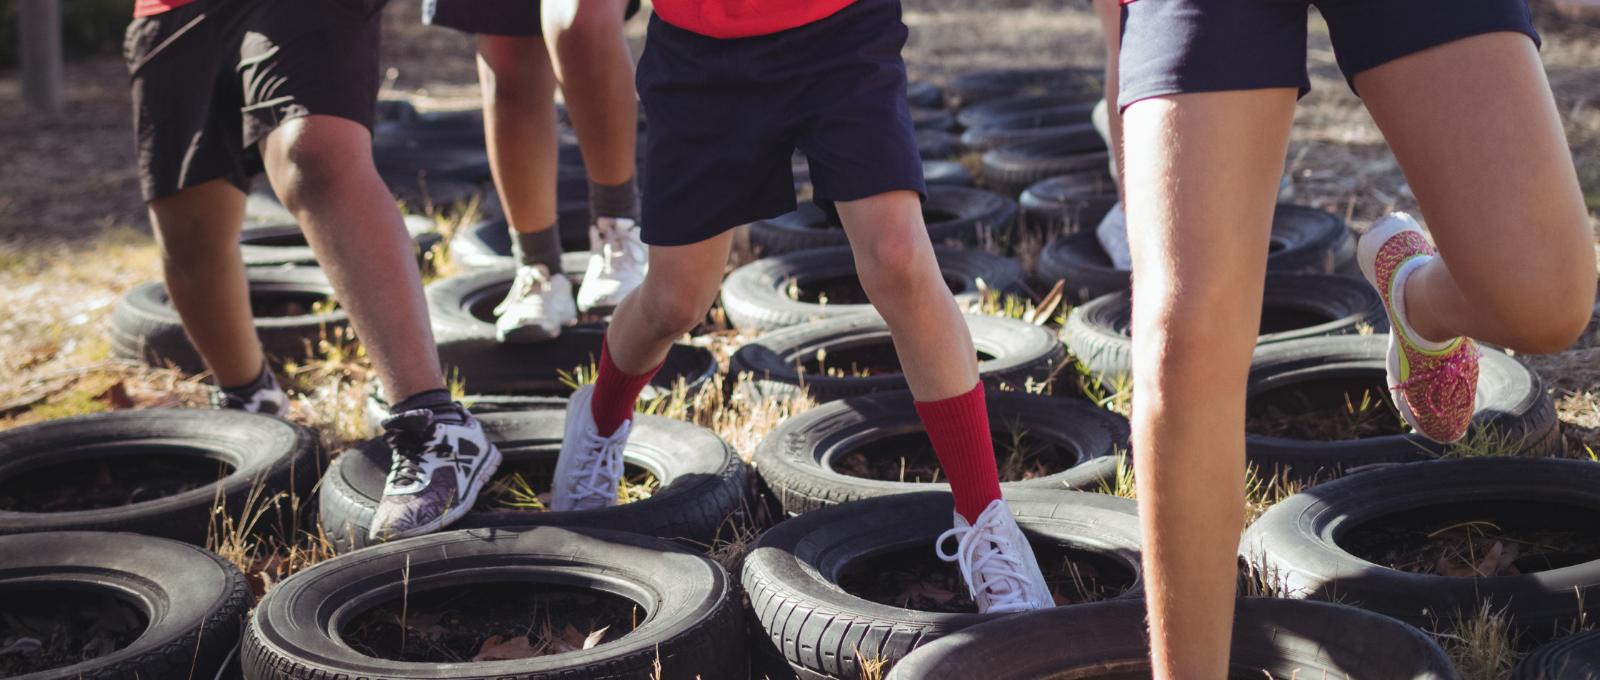 Children running through obstacles on ground.